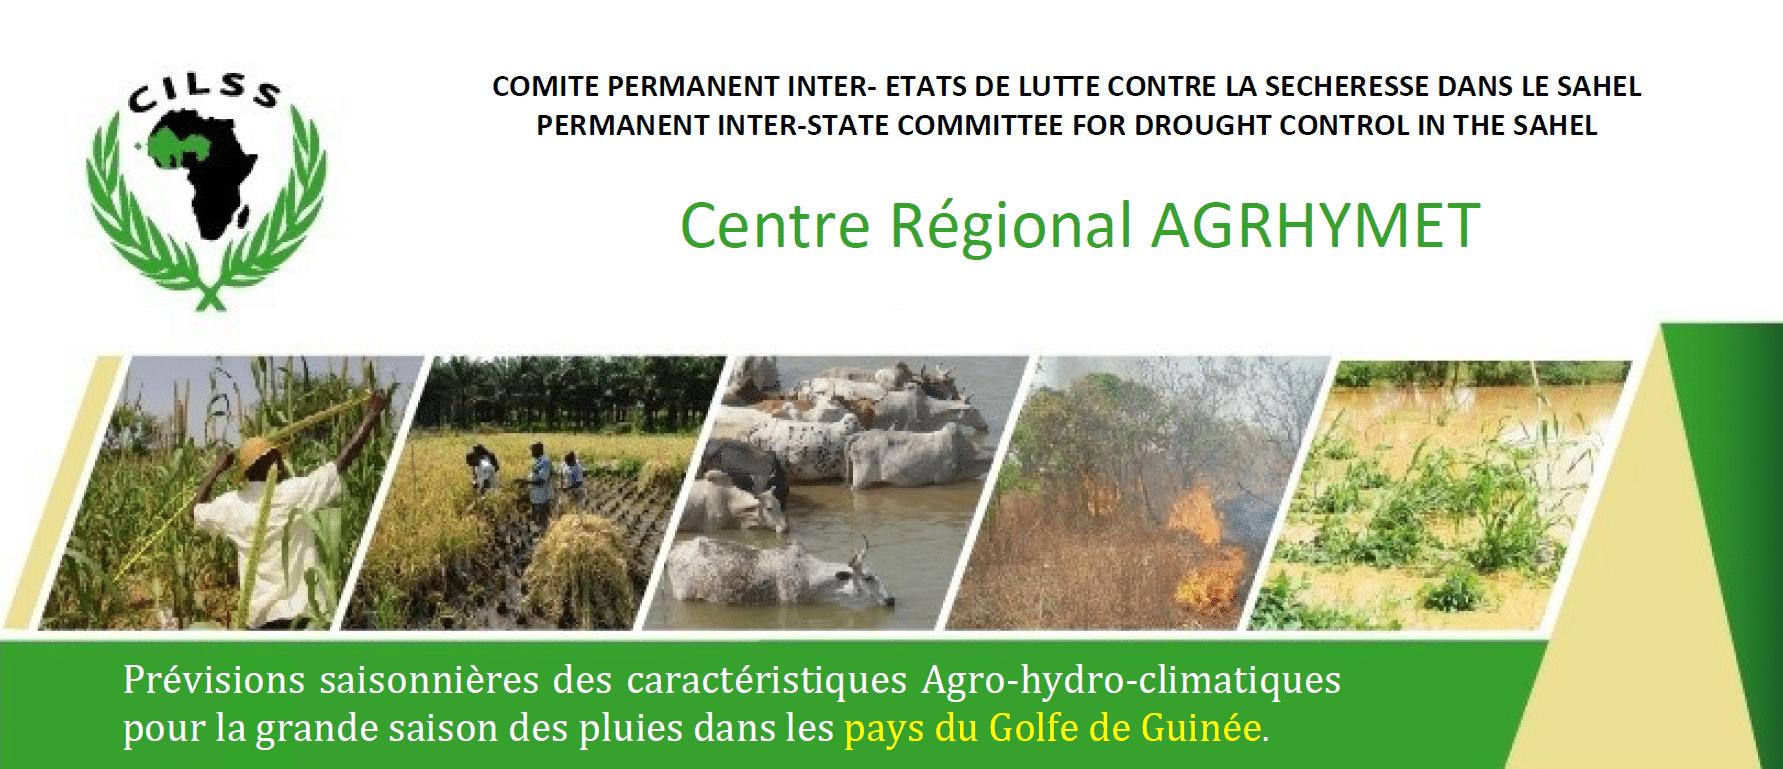 Bulletin spécial de prévision saisonnière des caractéristiques Agro-Hydro-Climatiques de la grande saison des pluies 2021 pour les pays du Golfe de Guinée